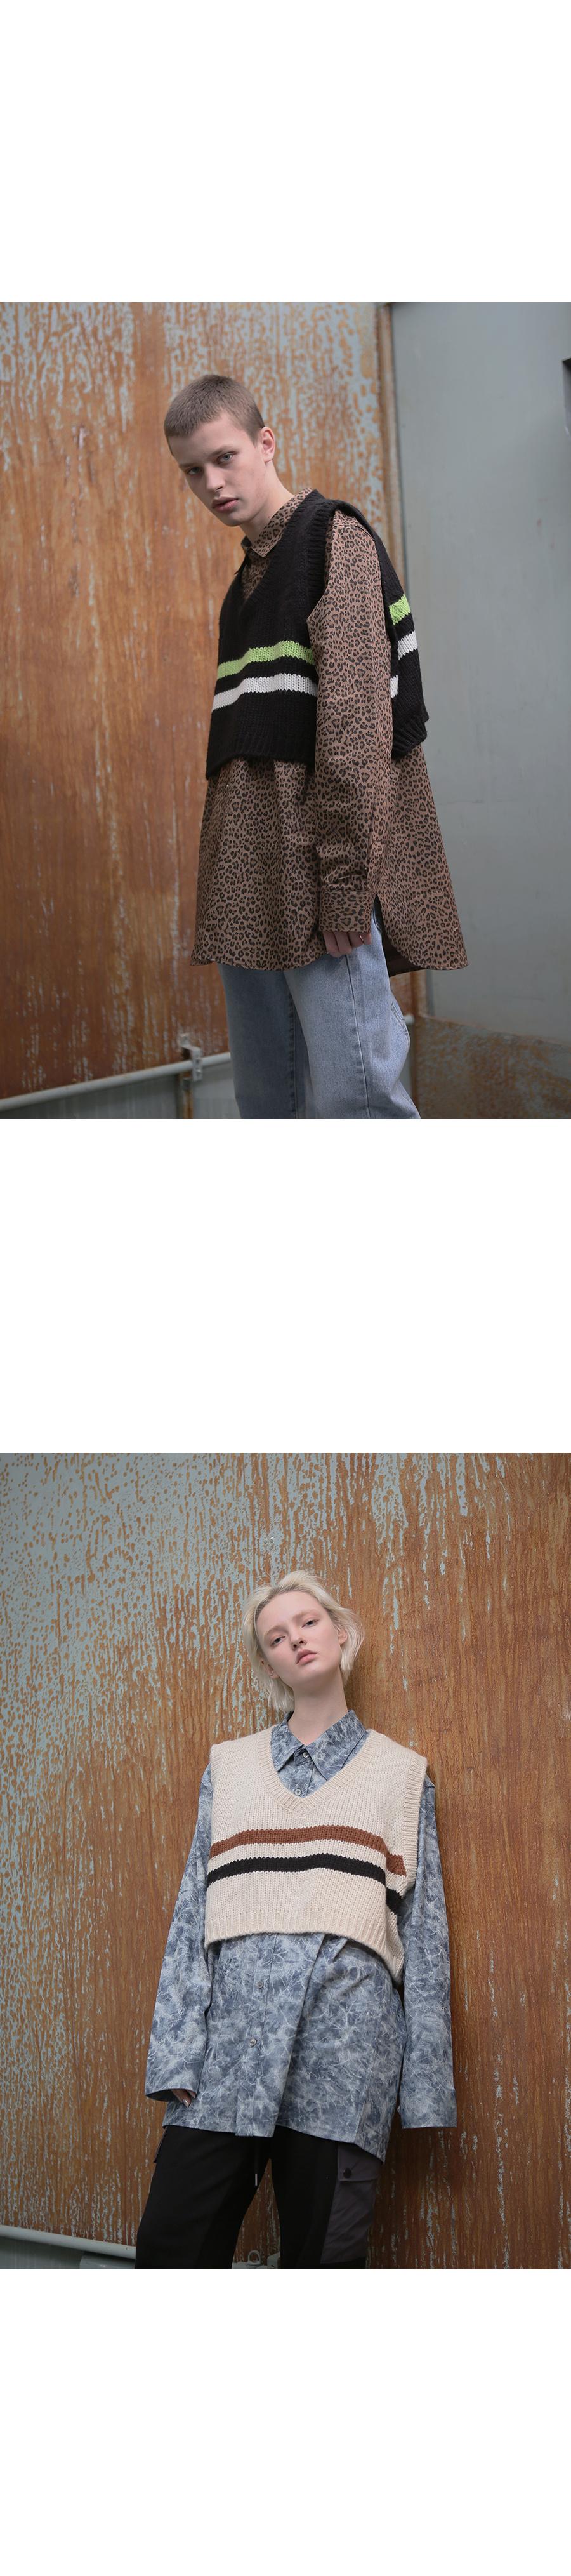 어패럴싯(APPARELXIT) 유니섹스 스트라이프 크롭 니트 베스트 그레이